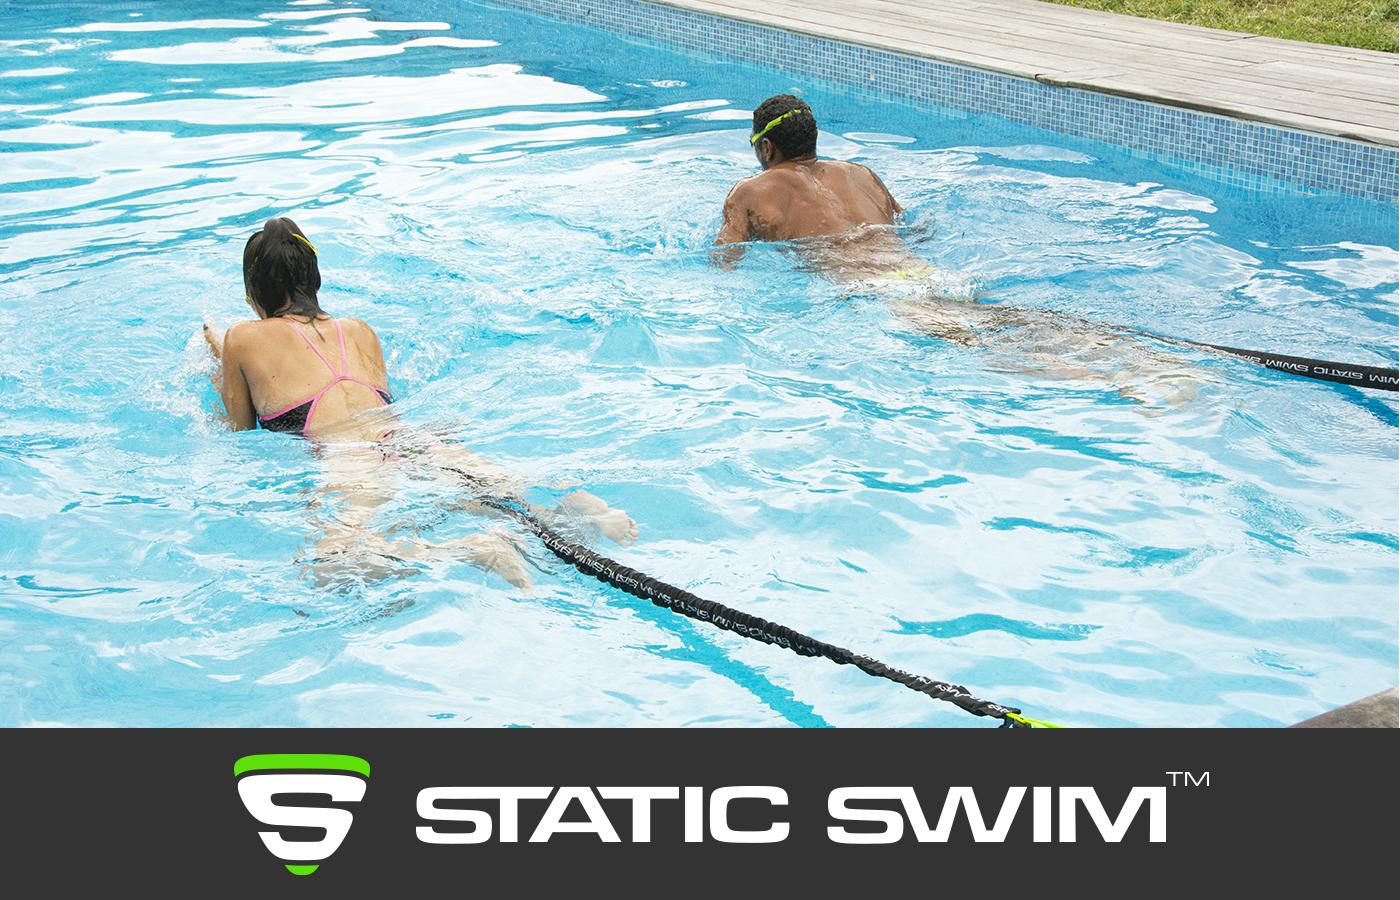 La meilleure expérience de nage sur place avec élastique dynamique™ STATIC SWIM™